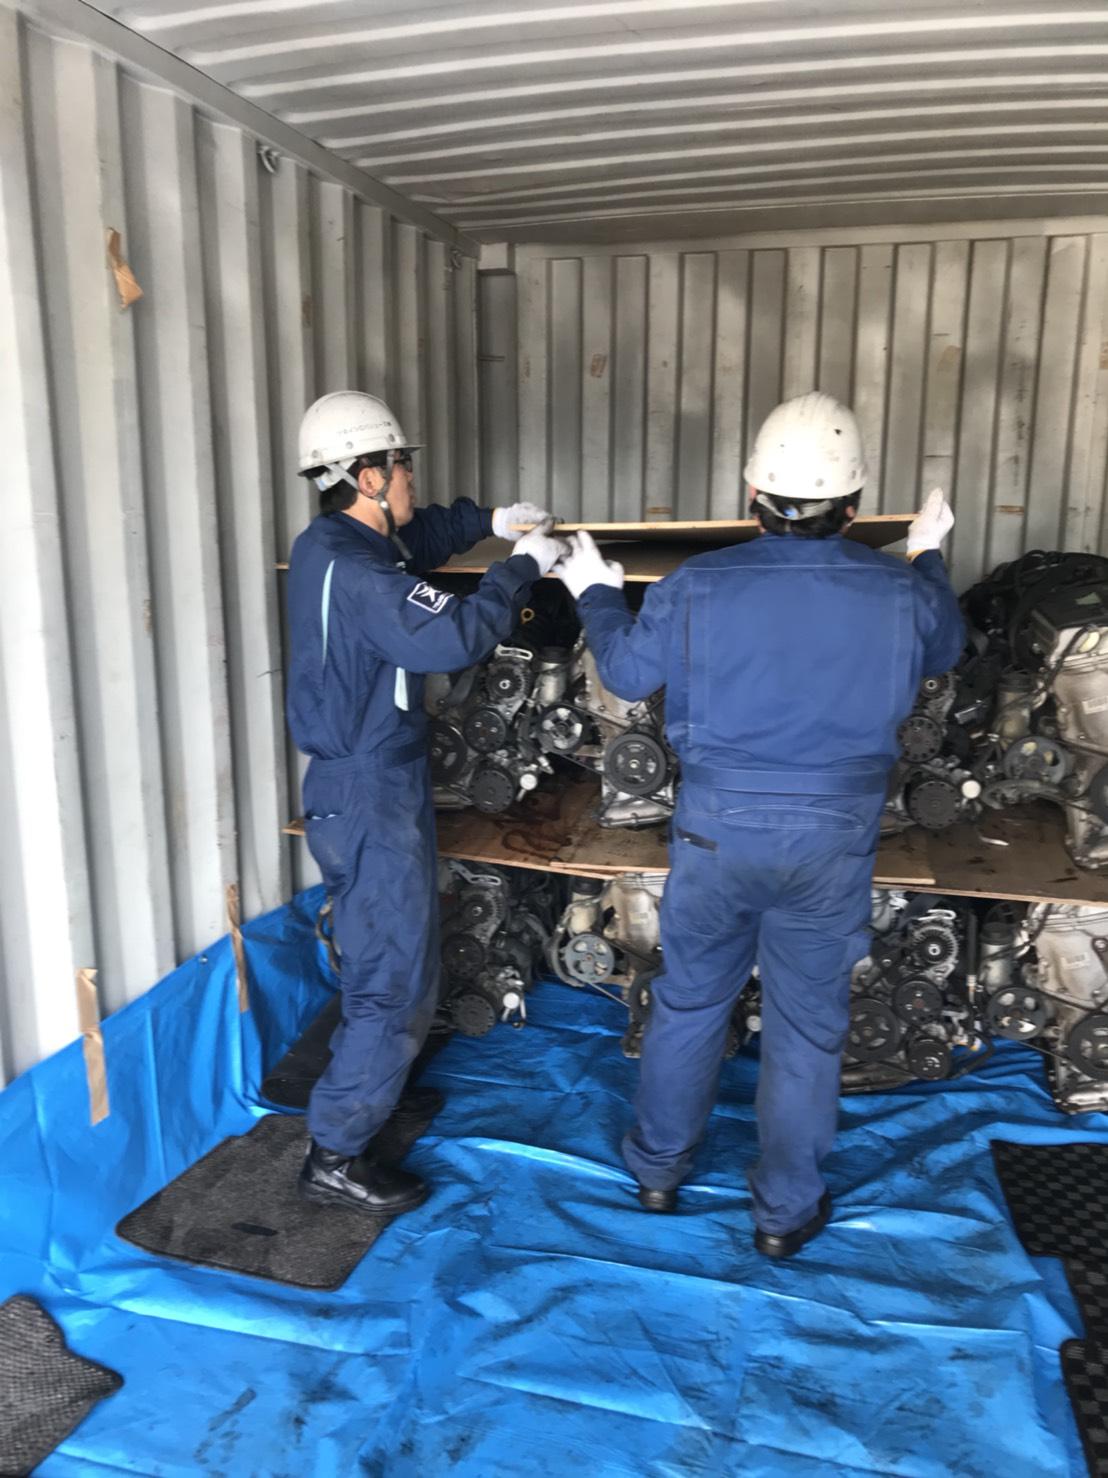 ツネイシCバリューズ 自動車リサイクルパーツをミャンマーへ初出荷